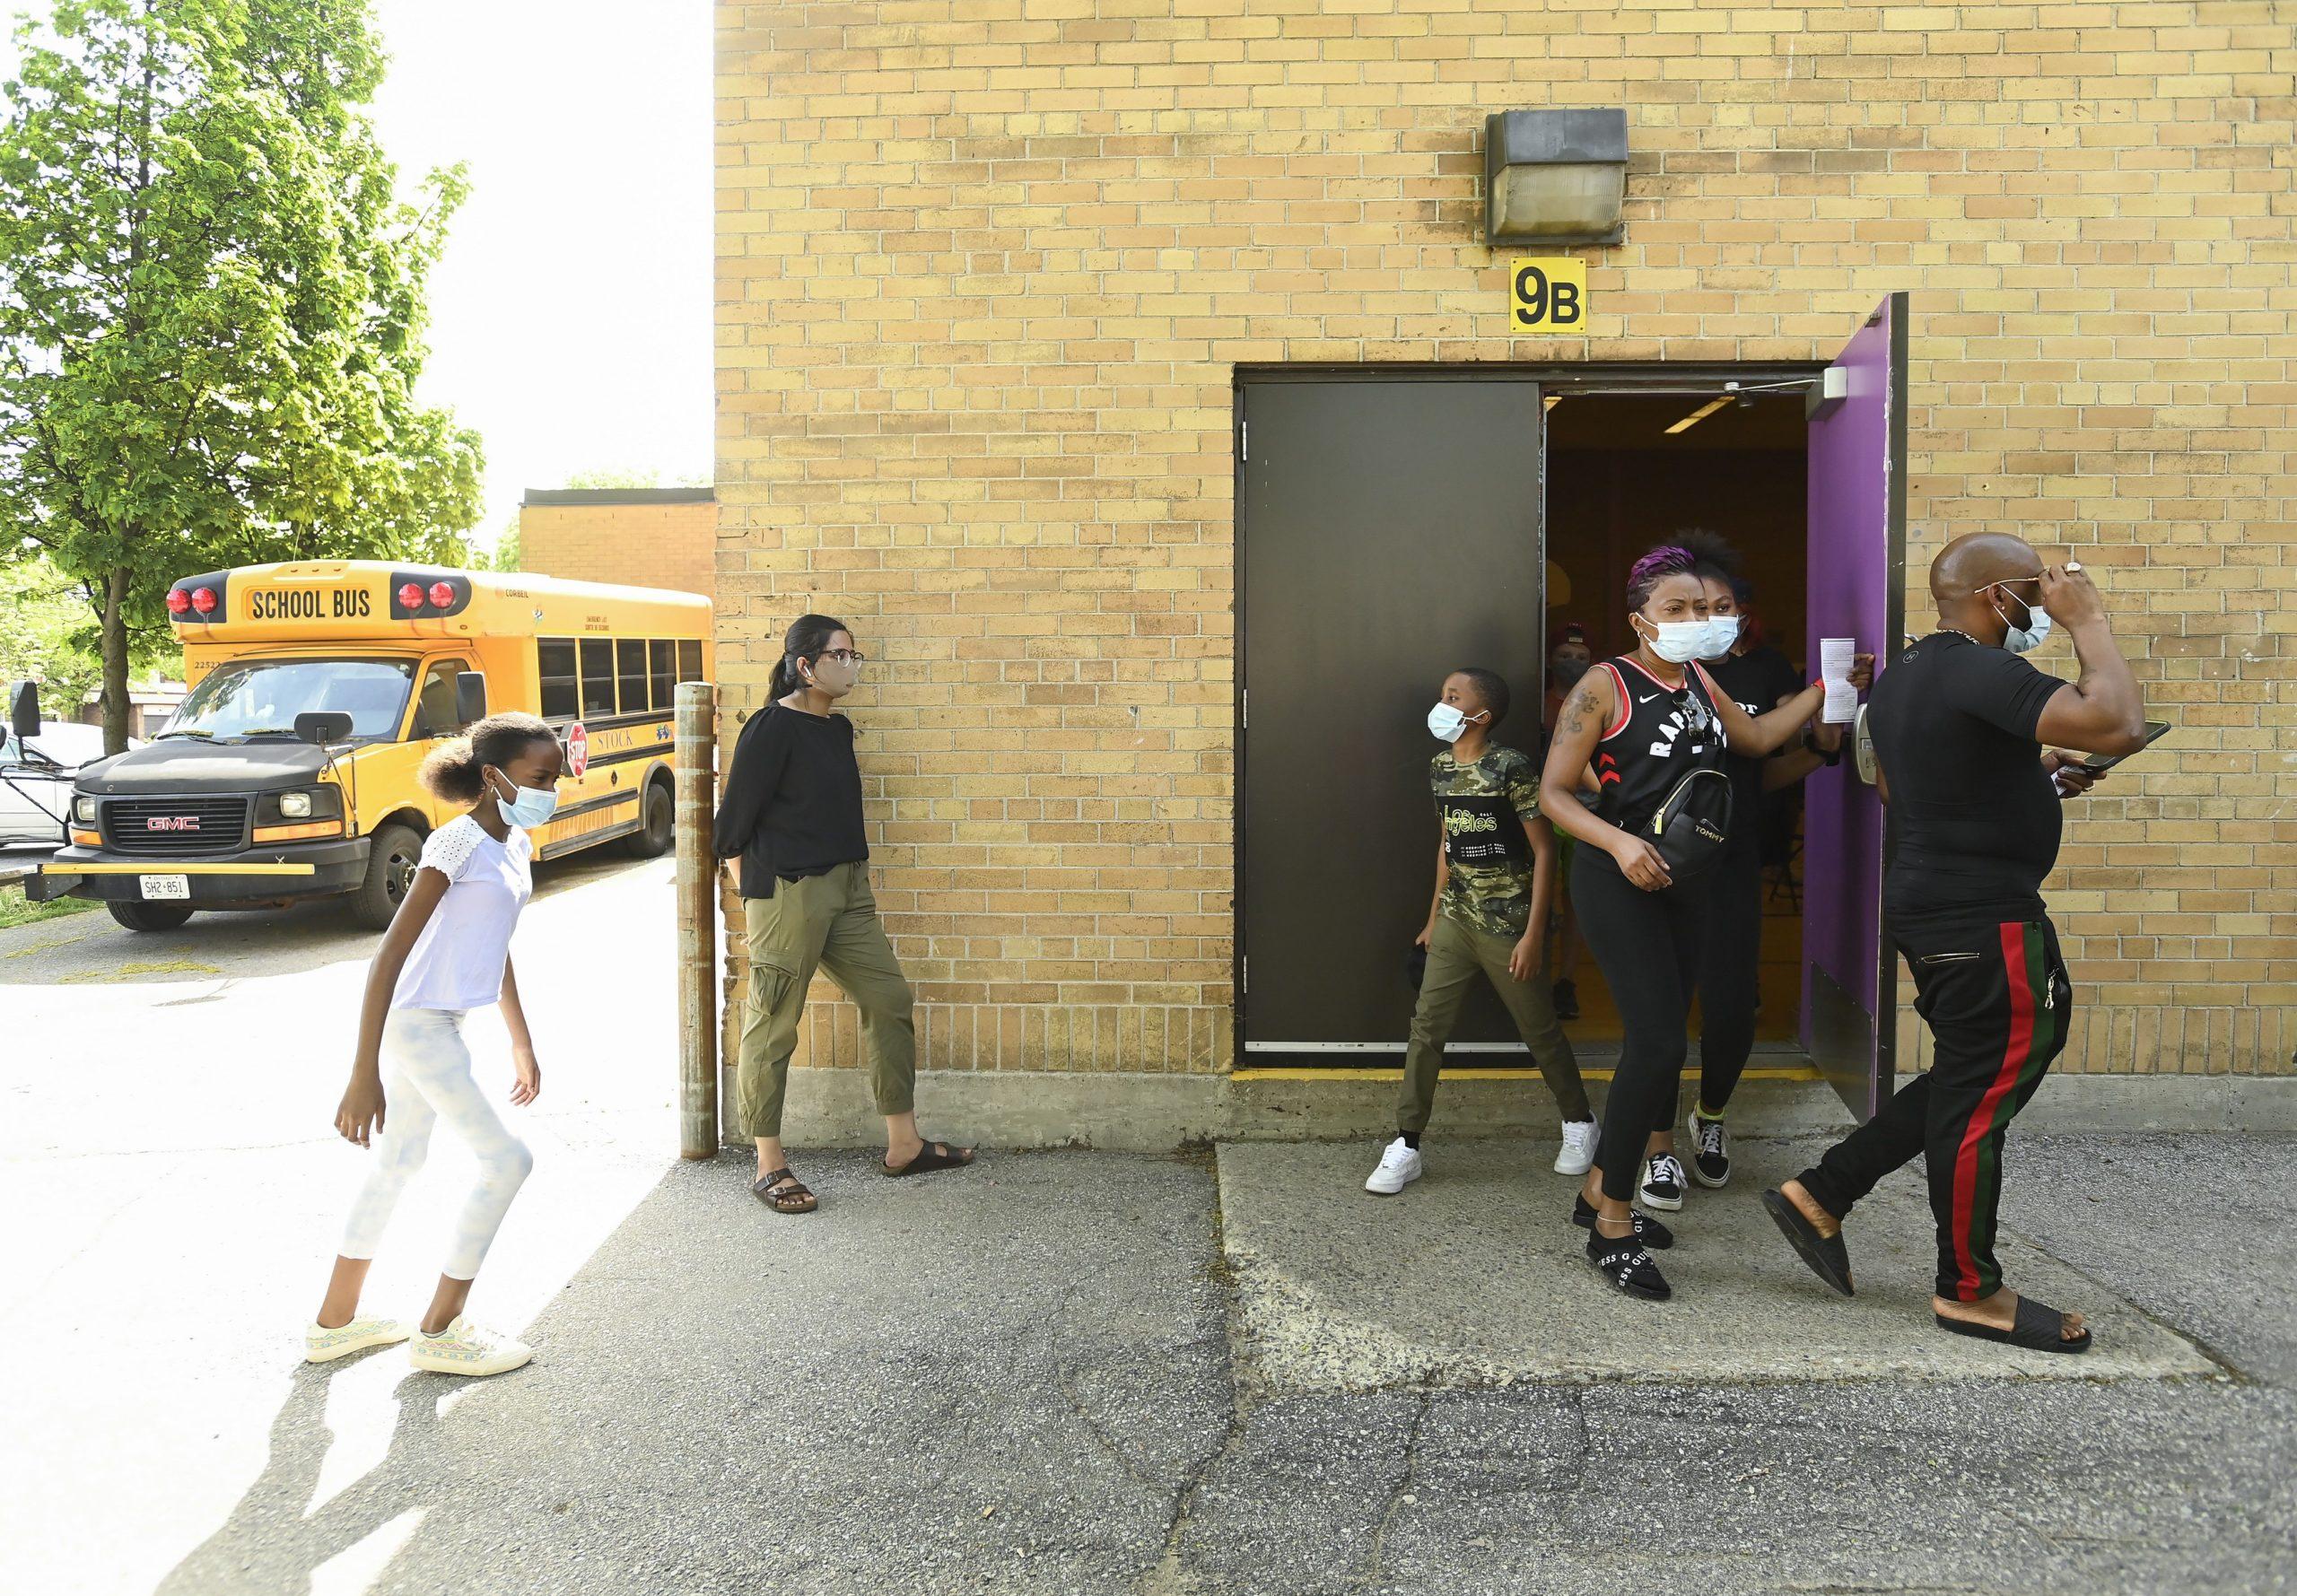 تعطیلی کامل یکی از مدارس انتاریو به دلیل شیوع کووید-19 و شناسایی 189 مورد ابتلا فعال در مدارس استان